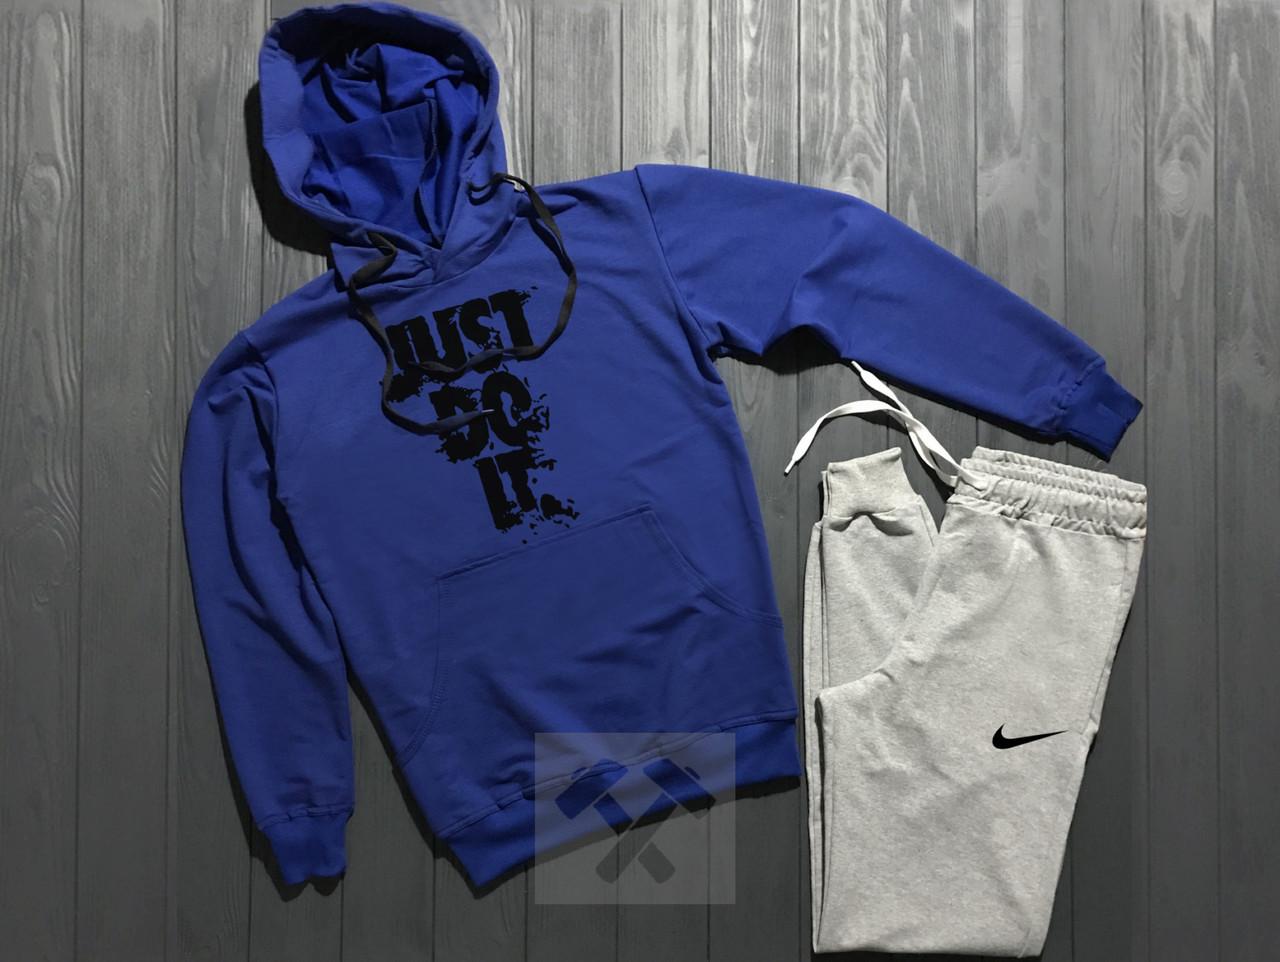 Спортивный костюм Найк мужской с капюшоном, брендовый костюм Nike трикотажный (на флисе и без) копия